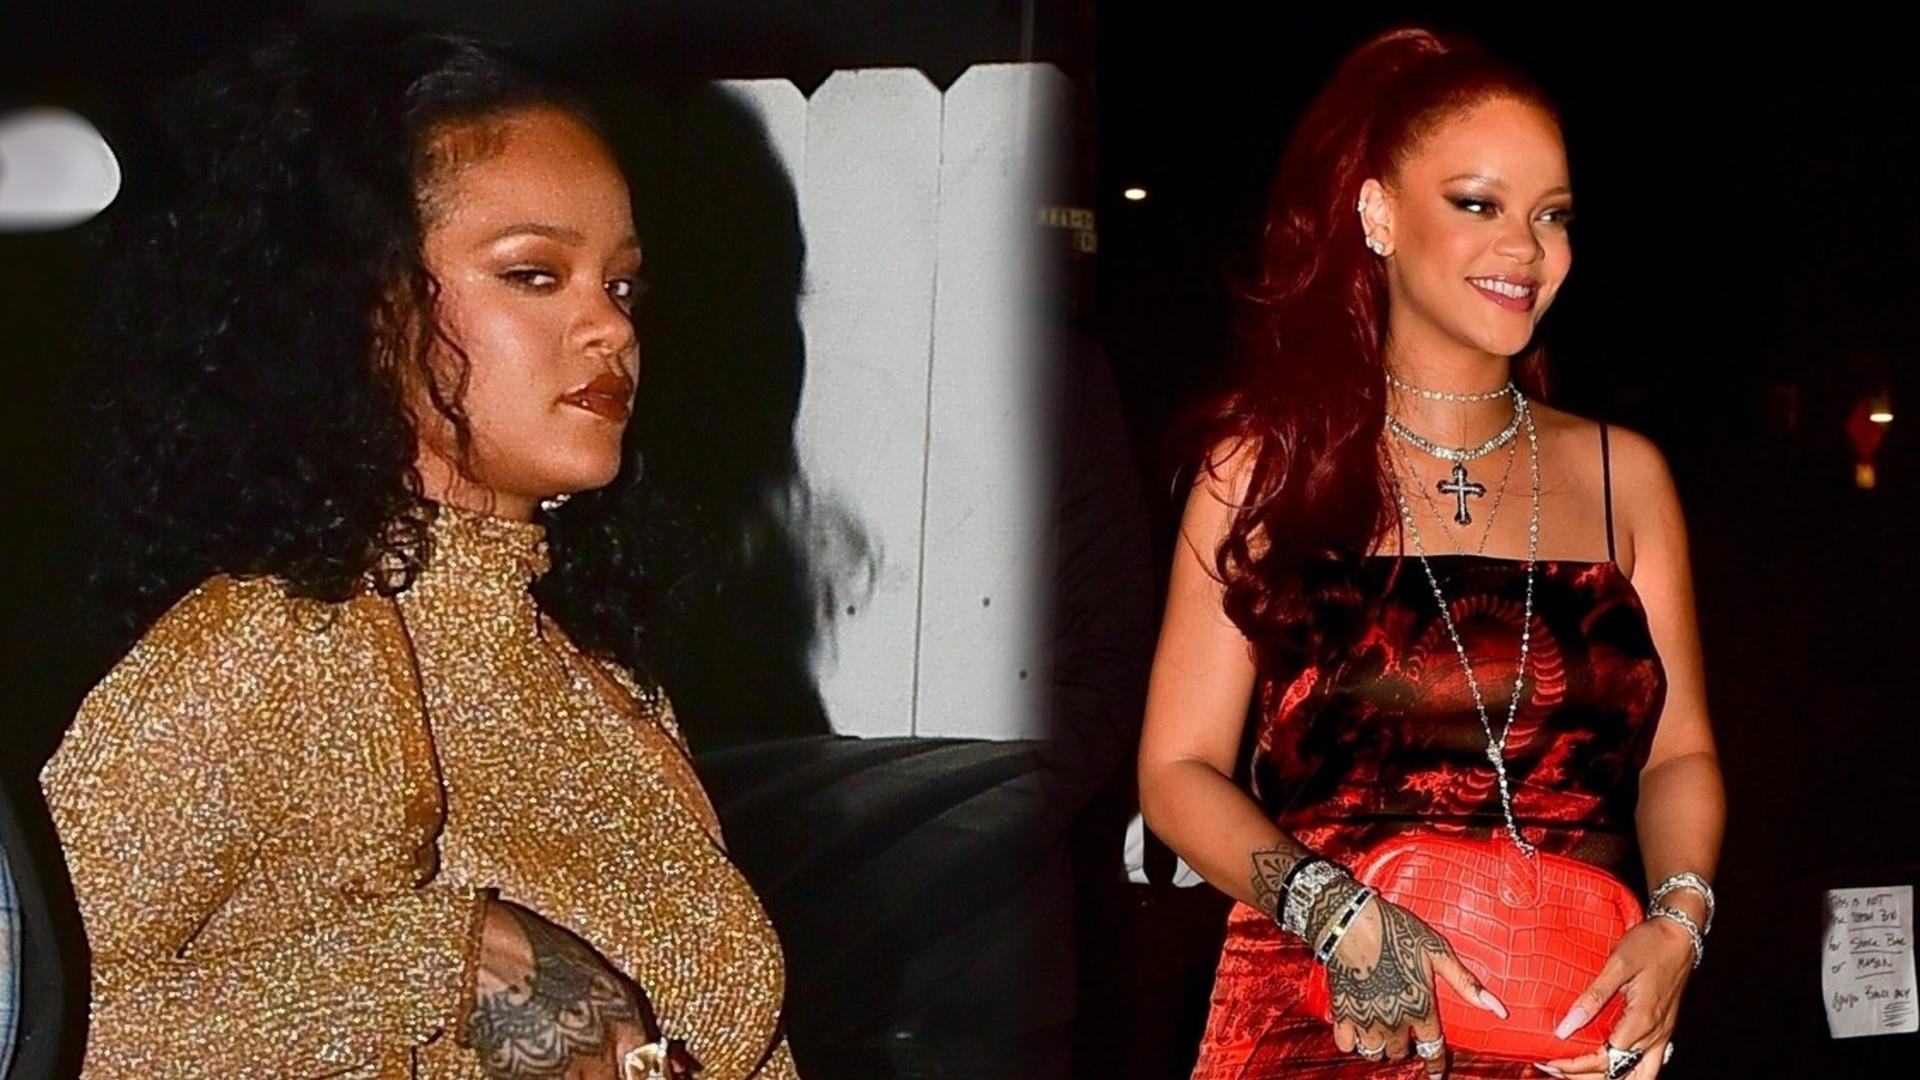 Oto kolejny dowód na to, że Rihanna spodziewa się dziecka? (FOTO)